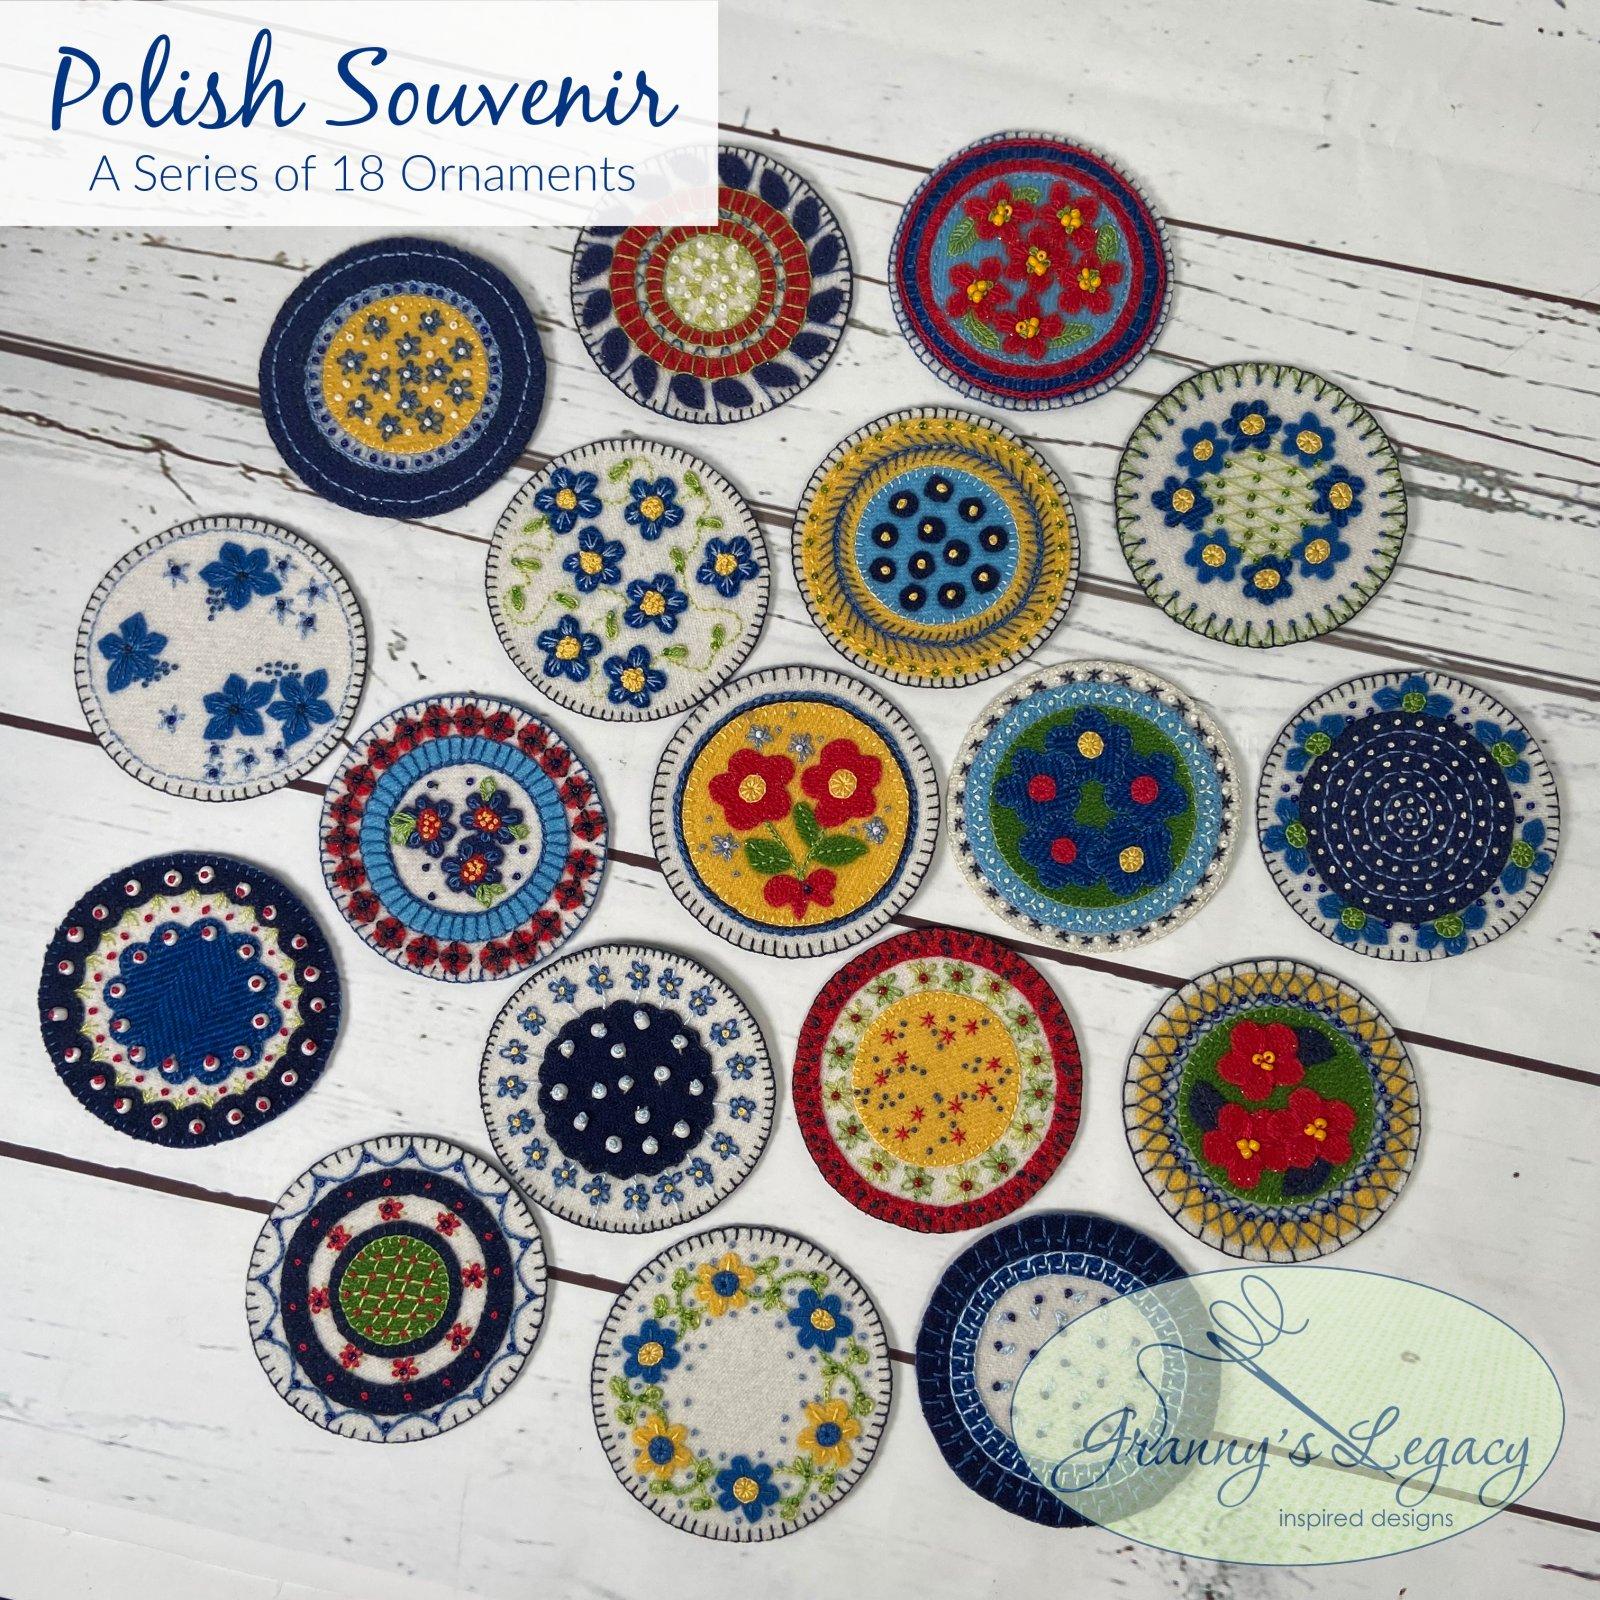 Polish Souvenir